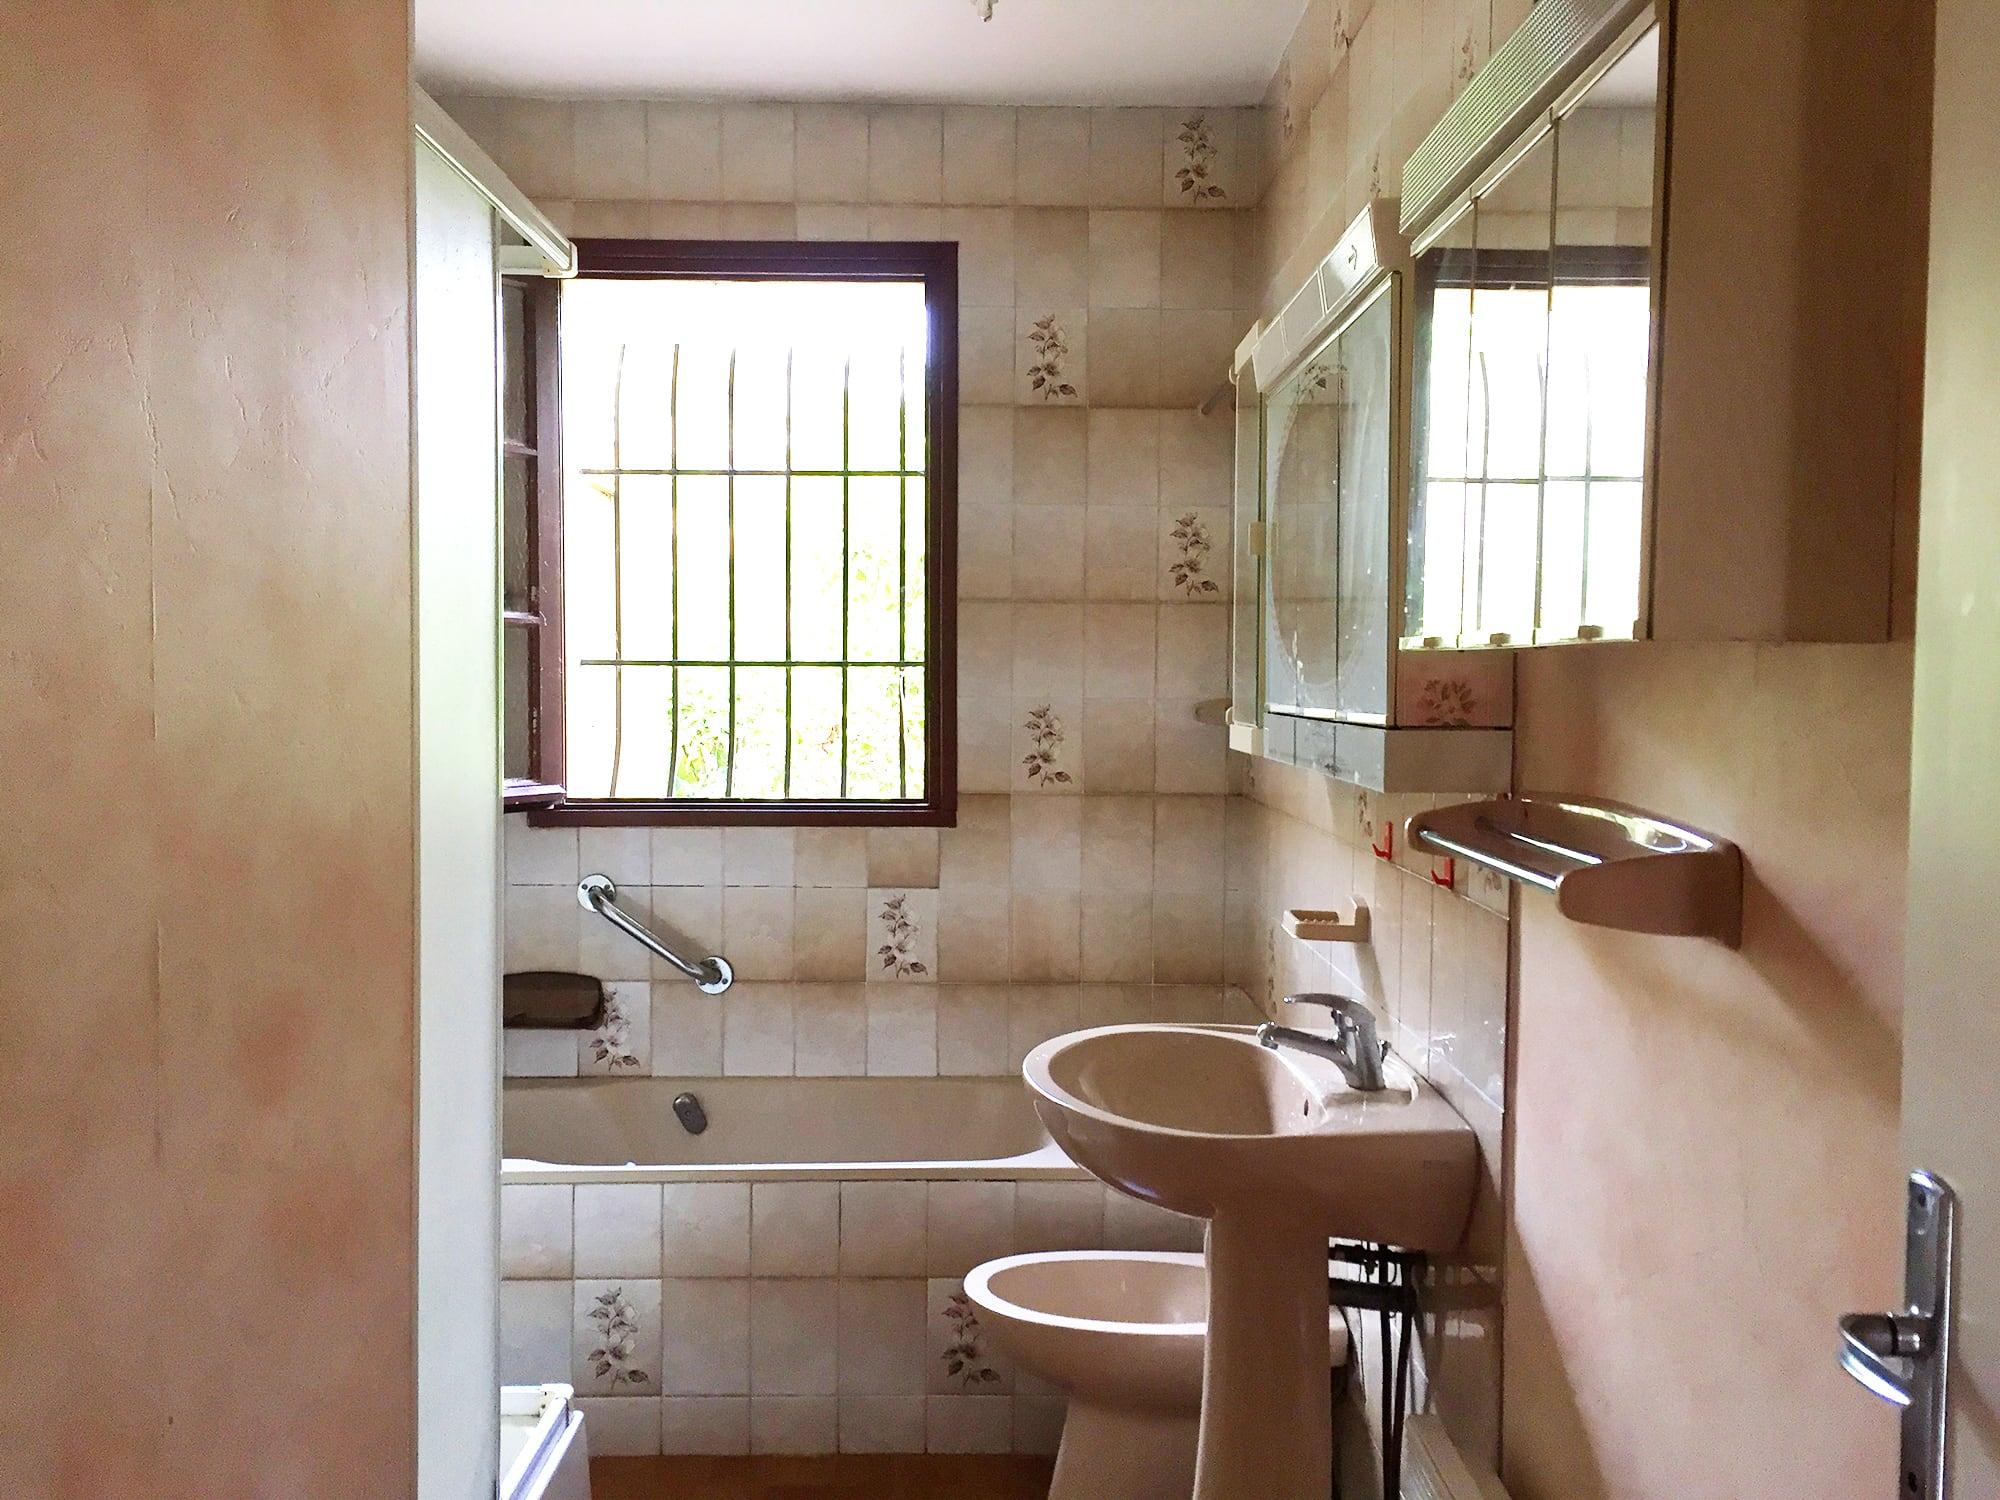 Maison-a-vendre-cevennes-sdb05-modif.jpg